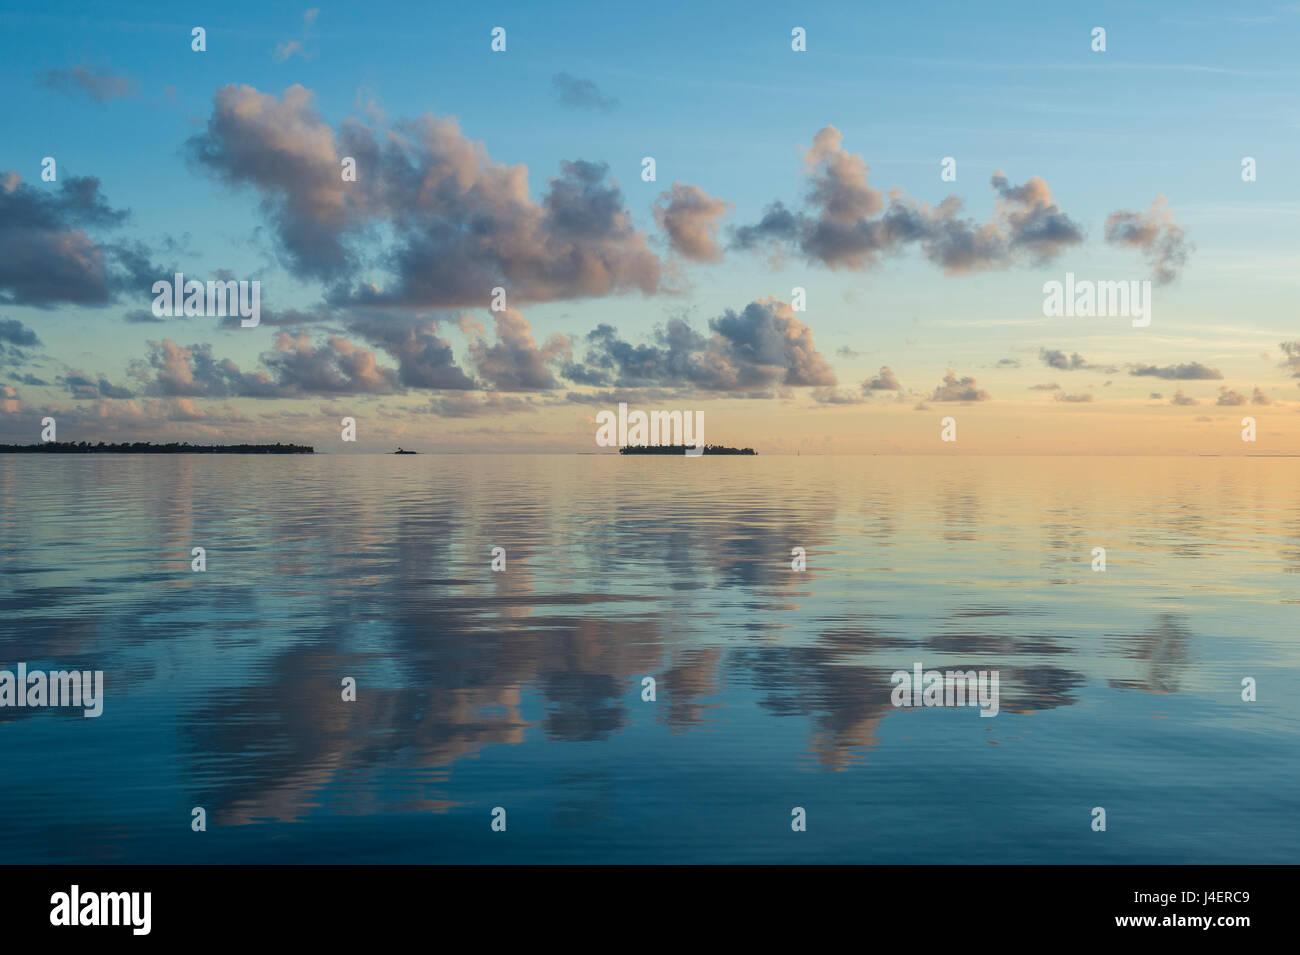 Sonnenuntergang über dem ruhigen Wasser des Pazifik, Französisch-Polynesien, Tuamotus, Tikehau Stockbild